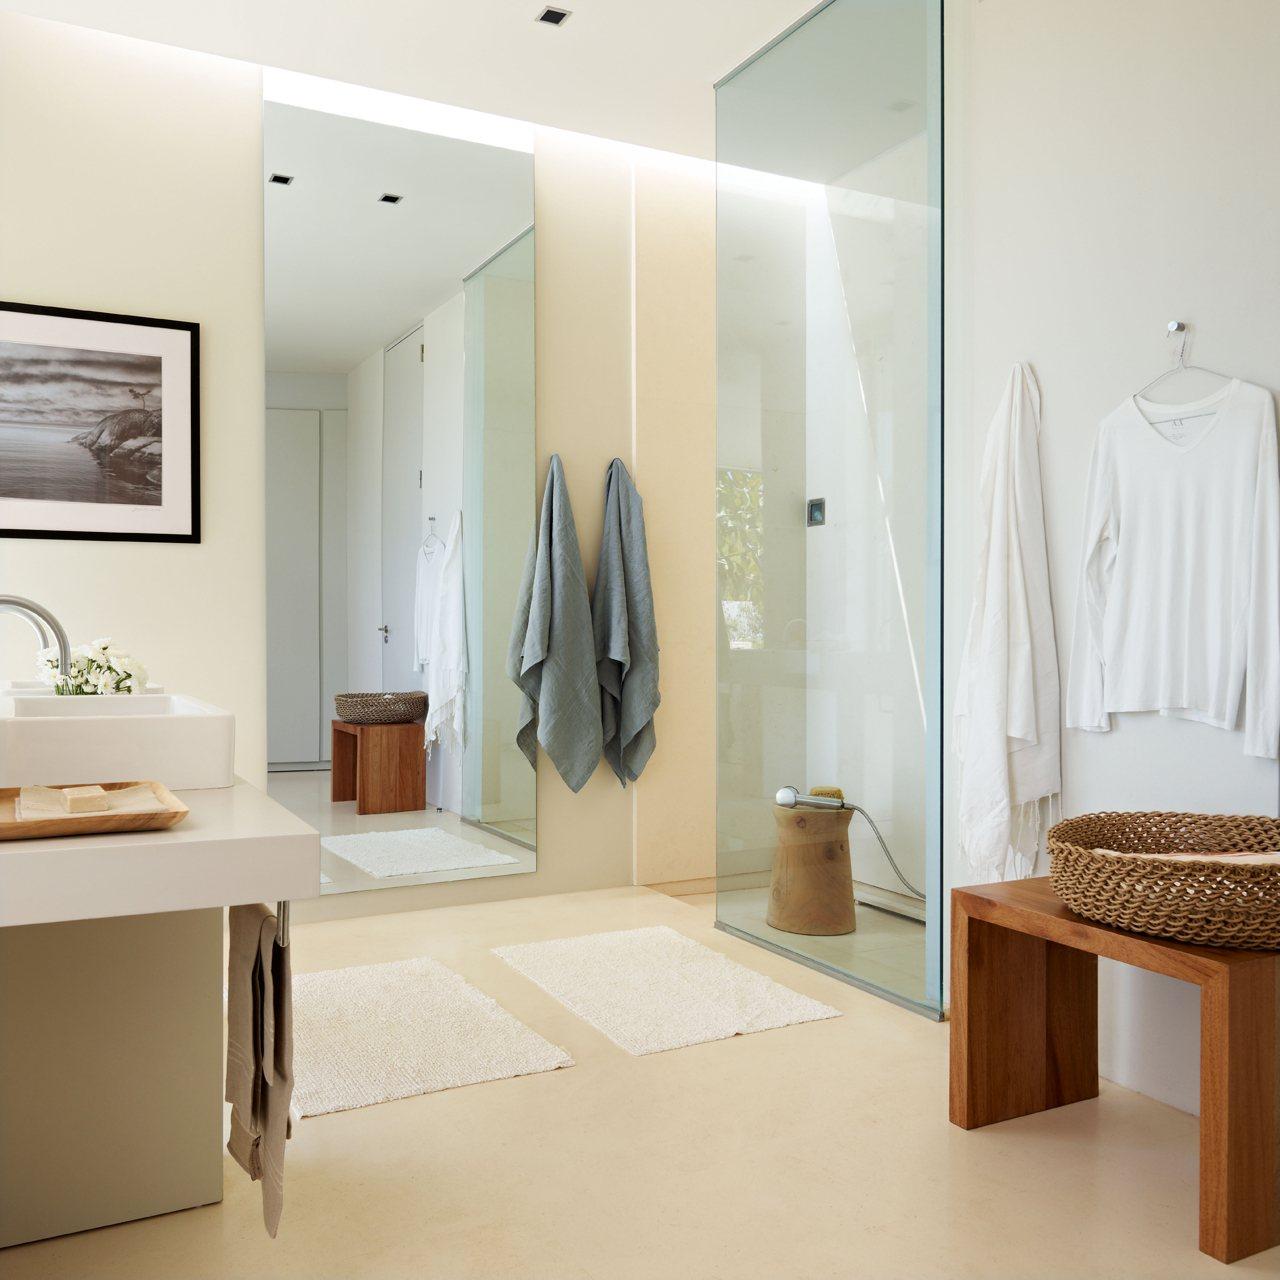 Baño Abierto Al Vestidor:Un baño grande, abierto y sin bañera en Ibiza